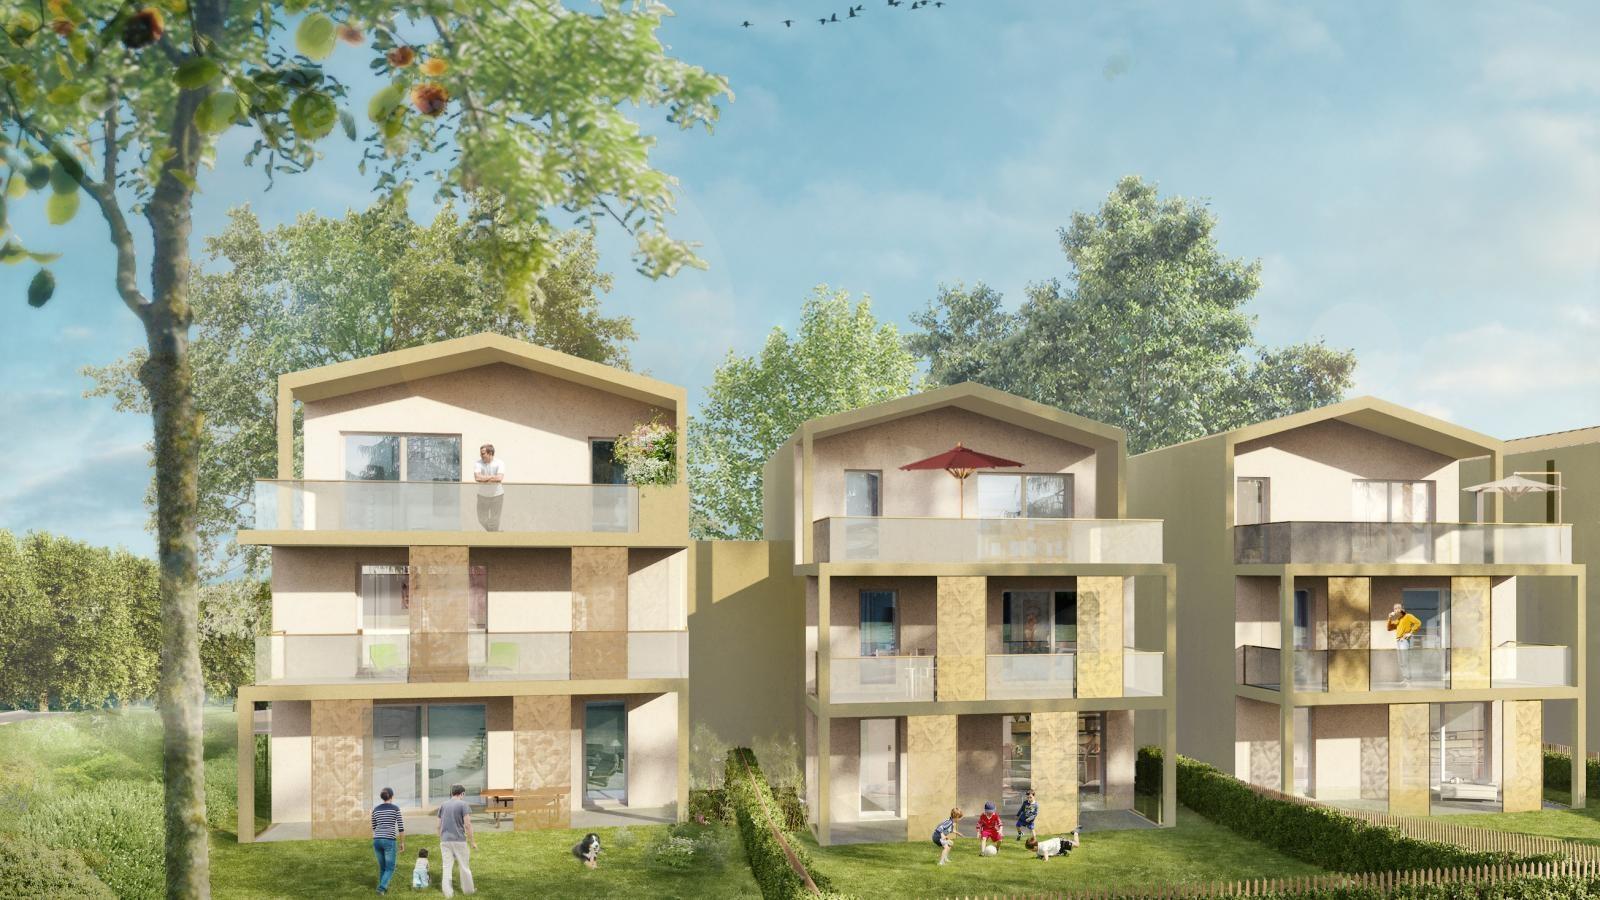 Programme immobilier Tassin-la-Demi-Lune (69160) PARC TOREY OGI26